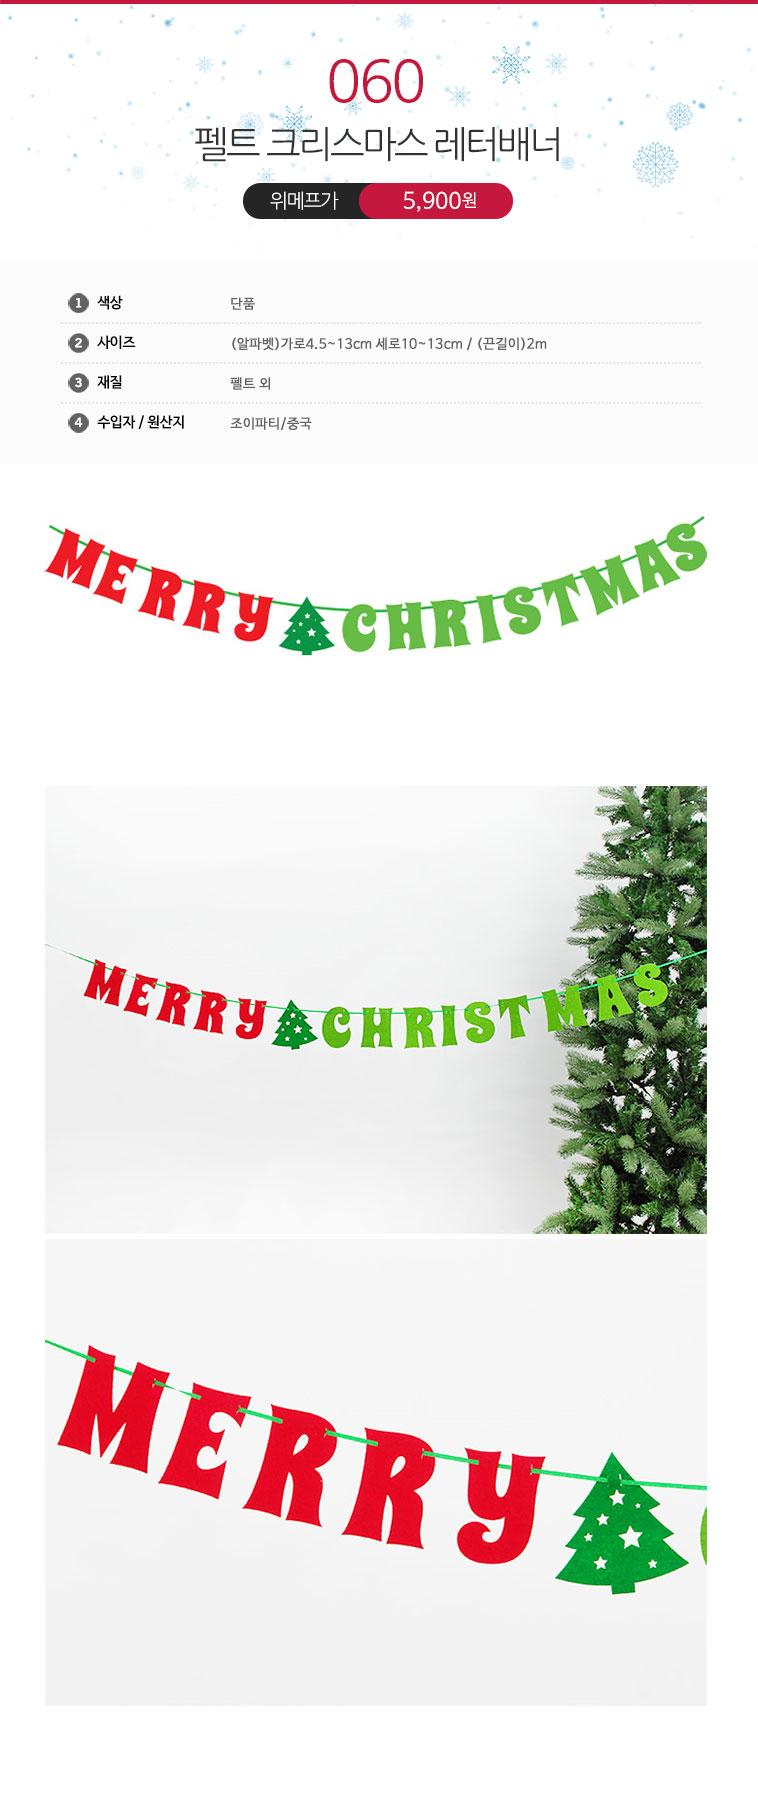 [인기상품] 크리스마스소품&트리장식 - 상세정보